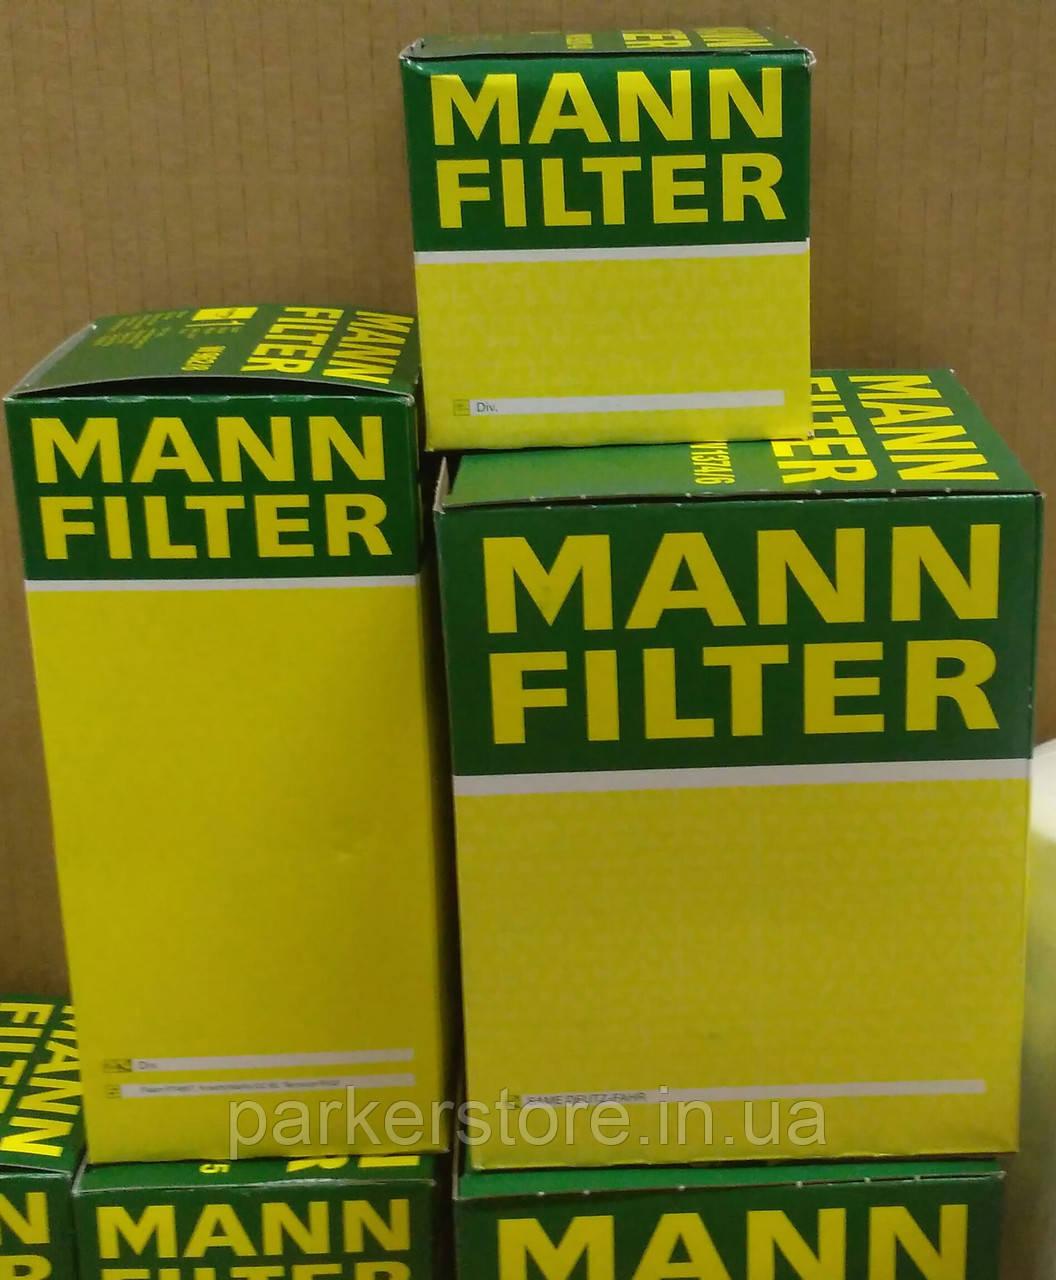 MANN FILTER / Воздушный фильтр / C 30 1184 / C301184